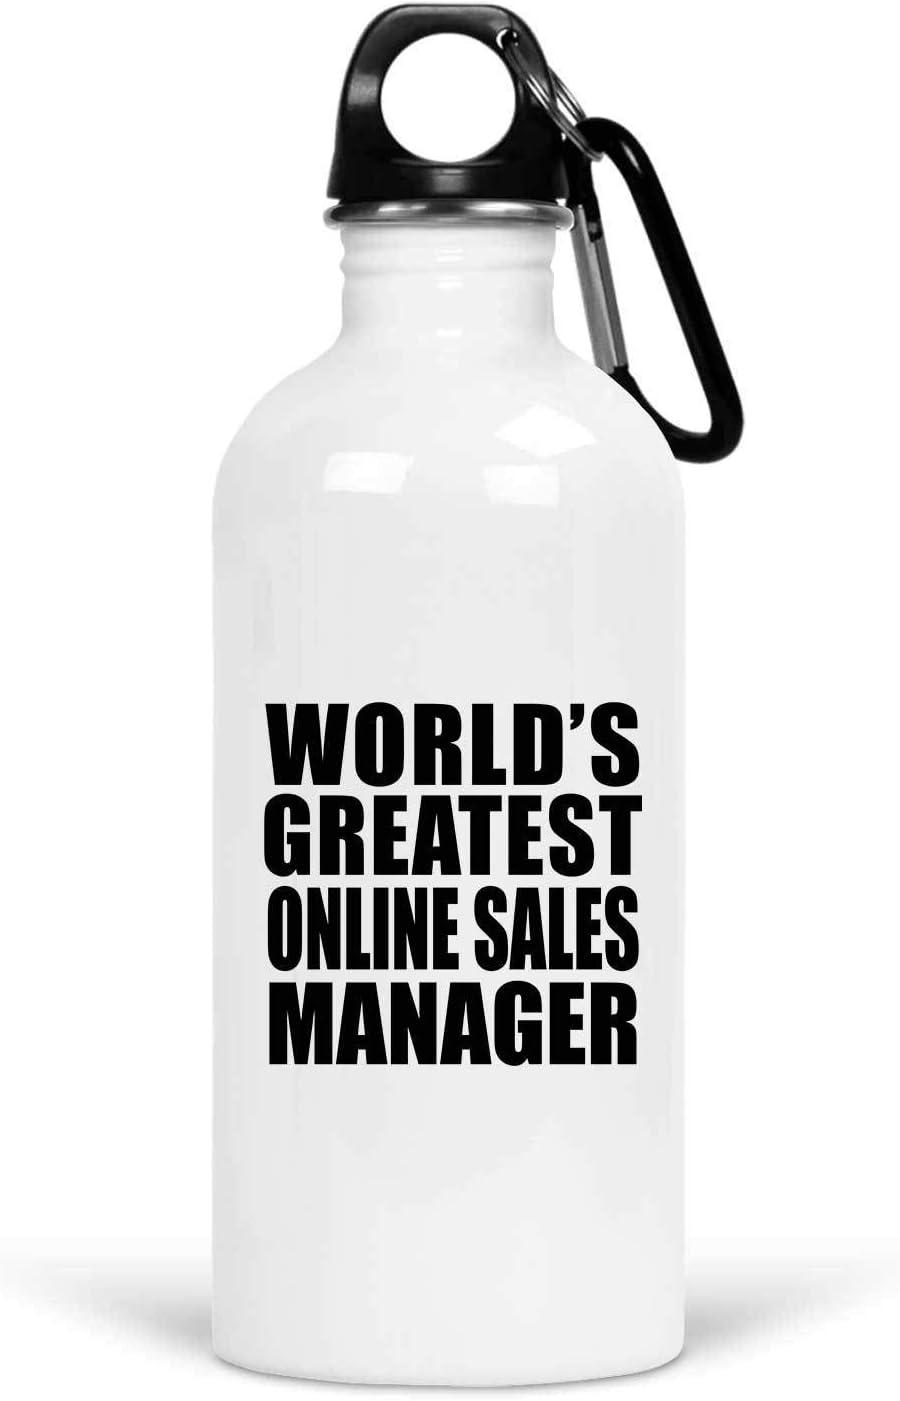 Designsify Worlds Greatest Online Sales Manager - Water Bottle Botella de Agua, Acero Inoxidable - Regalo para Cumpleaños Aniversario el Día de la Madre o del Padre